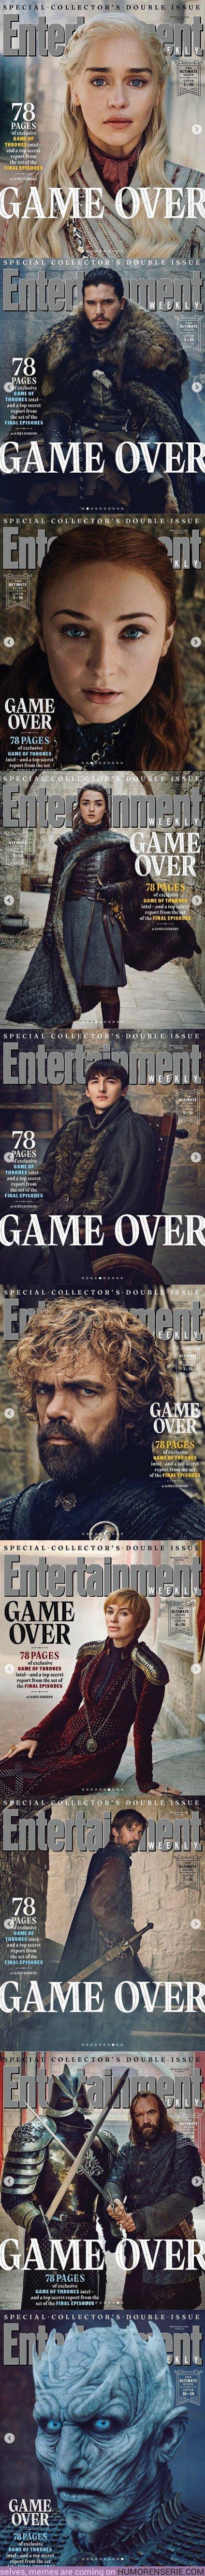 35583 - GALERÍA: Acaban de salir las esperadas portadas de Juego de Tronos en Entertainment Weekly